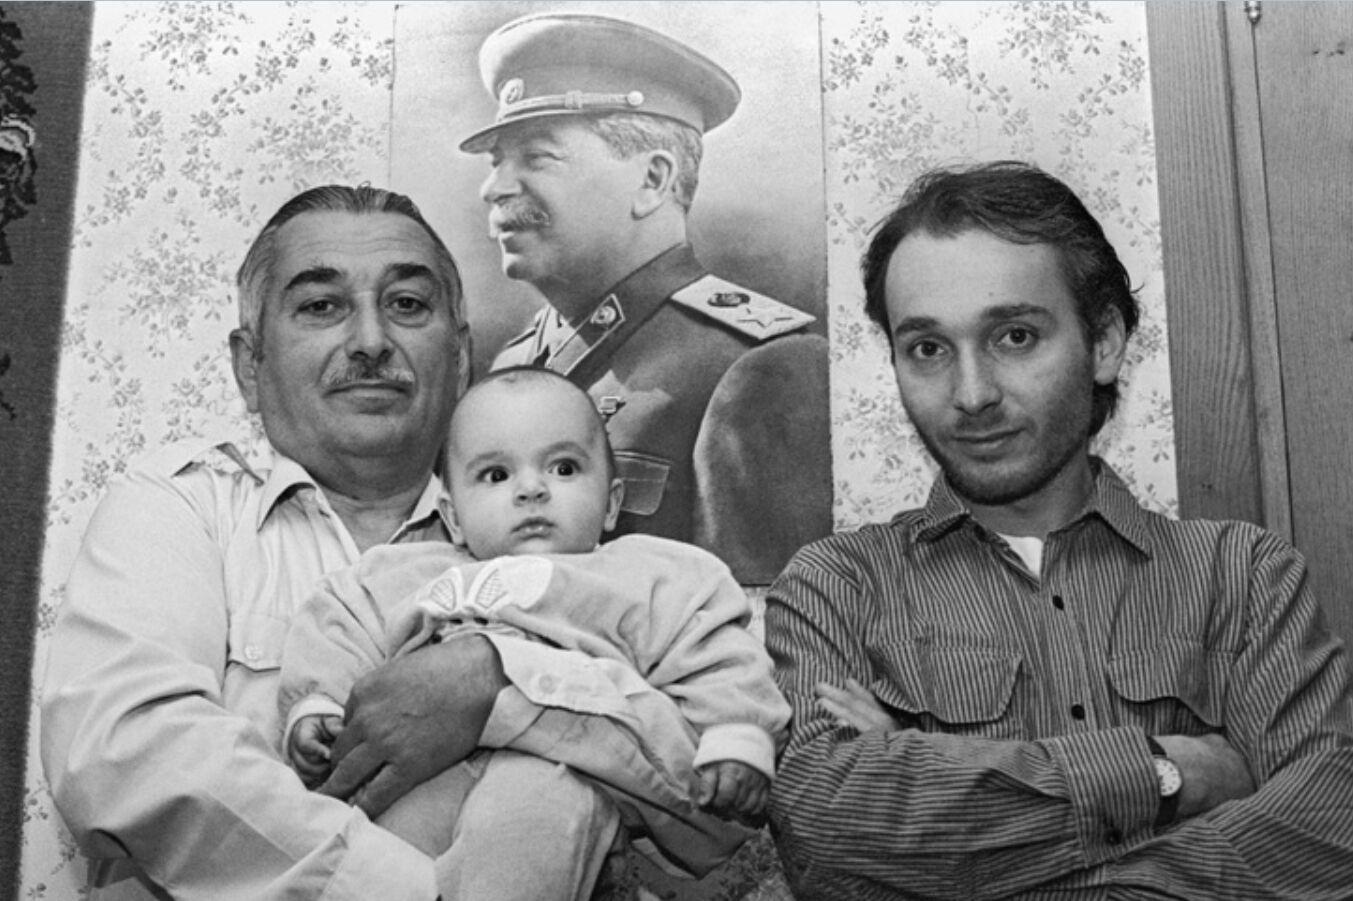 Зліва – онук Євген Джугашвілі, праворуч – праонук Віссаріон Євгенович і на руках – прапраонук Йосип Віссаріонович.